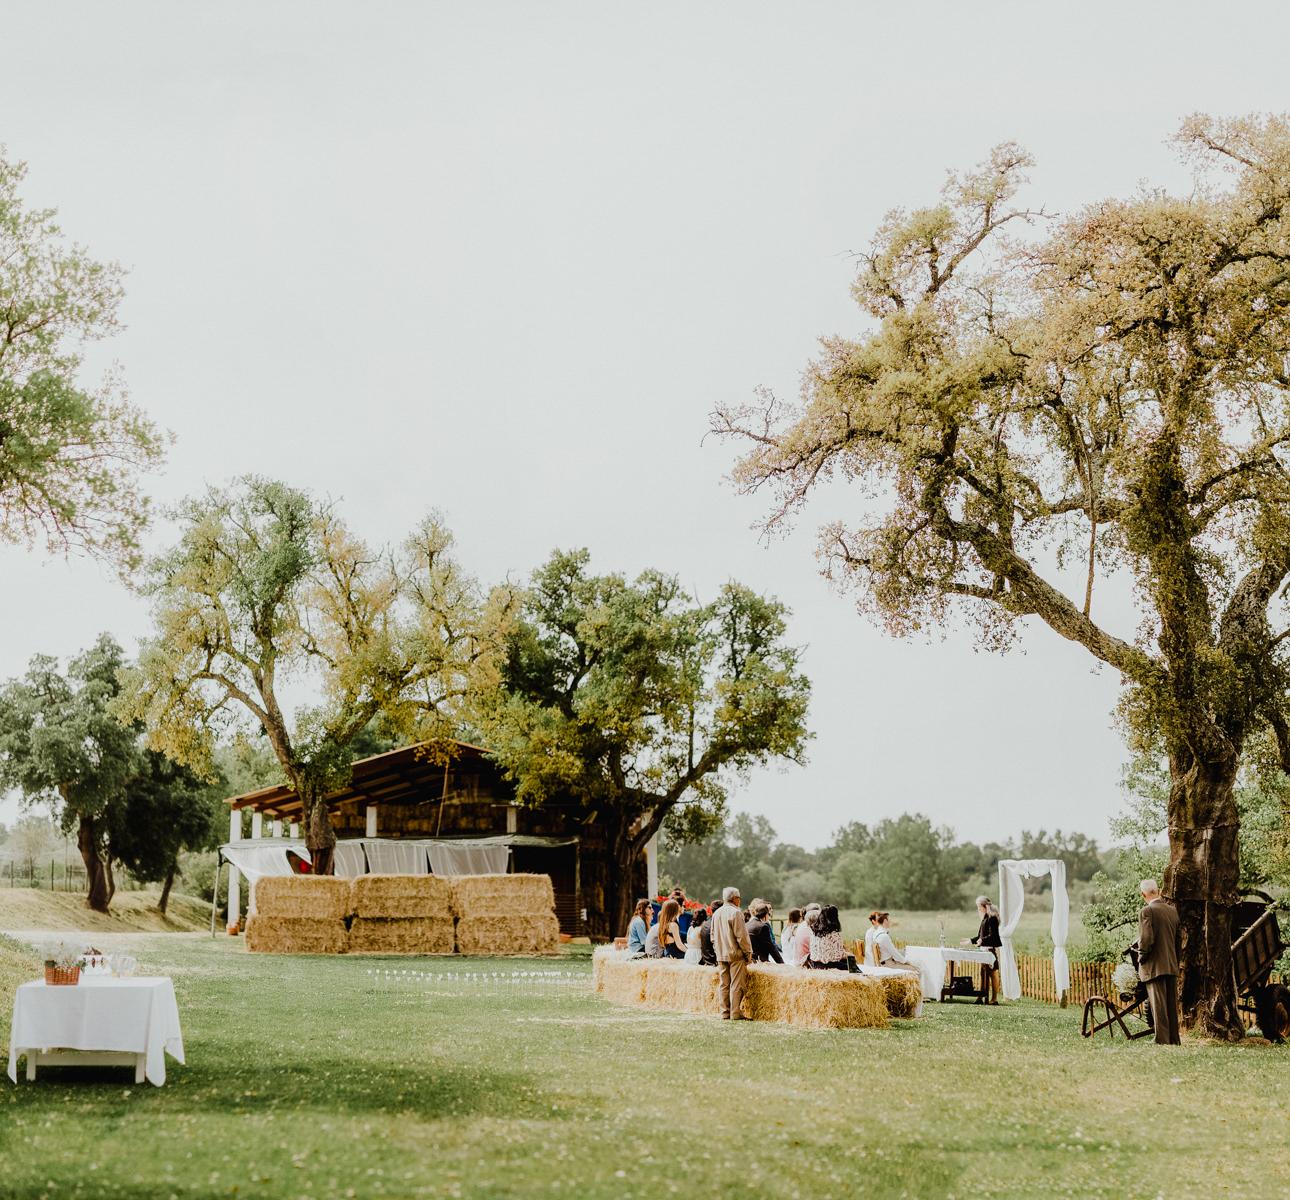 rural wedding portugal alentejo the framers wedding photography - 6